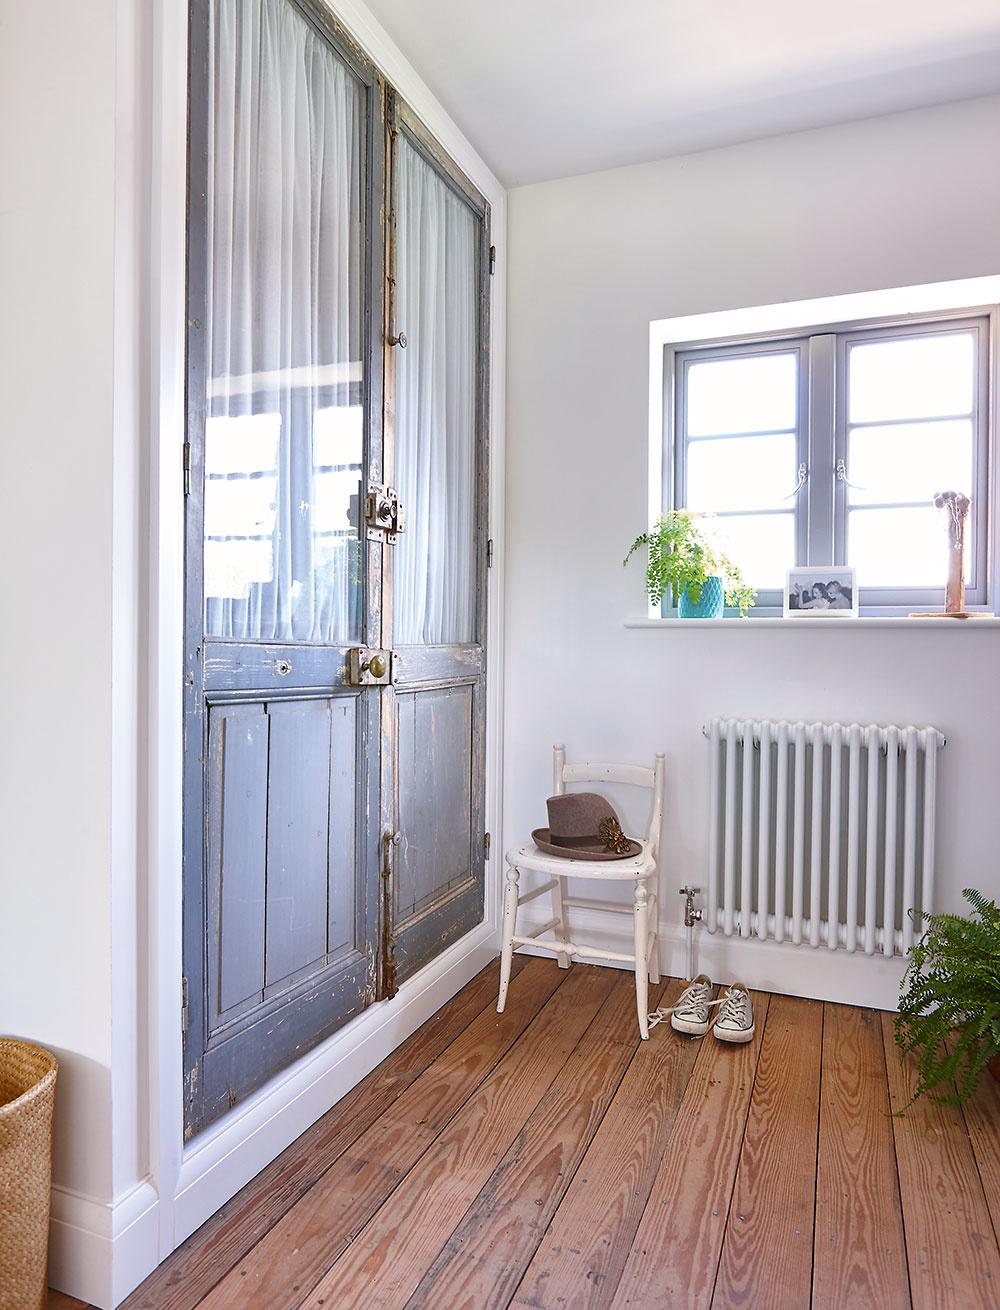 Originálna skriňa. Vrozšírenom priestore, do ktorého vyúsťuje schodisko na poschodí, vytvorila dvojica vstavanú skriňu – použili pri tom recyklované staré dvere azáves zľanovej textílie.